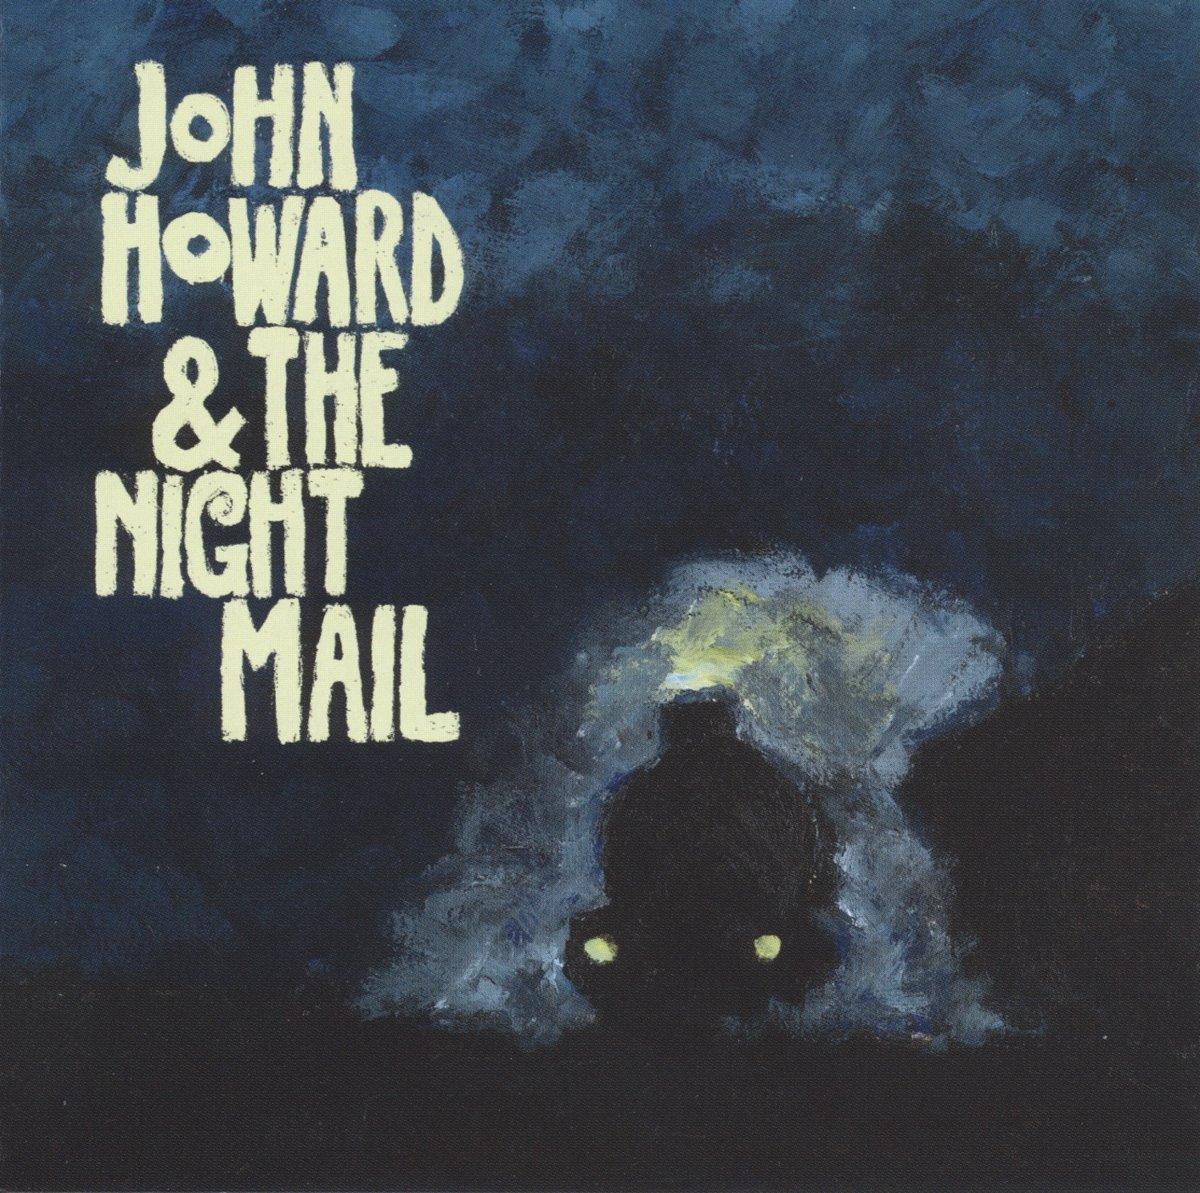 Howard The Night Mail John John Howard The Night Mail Amazon Com Music Последние твиты от rock howard (@rokhoward). amazon com